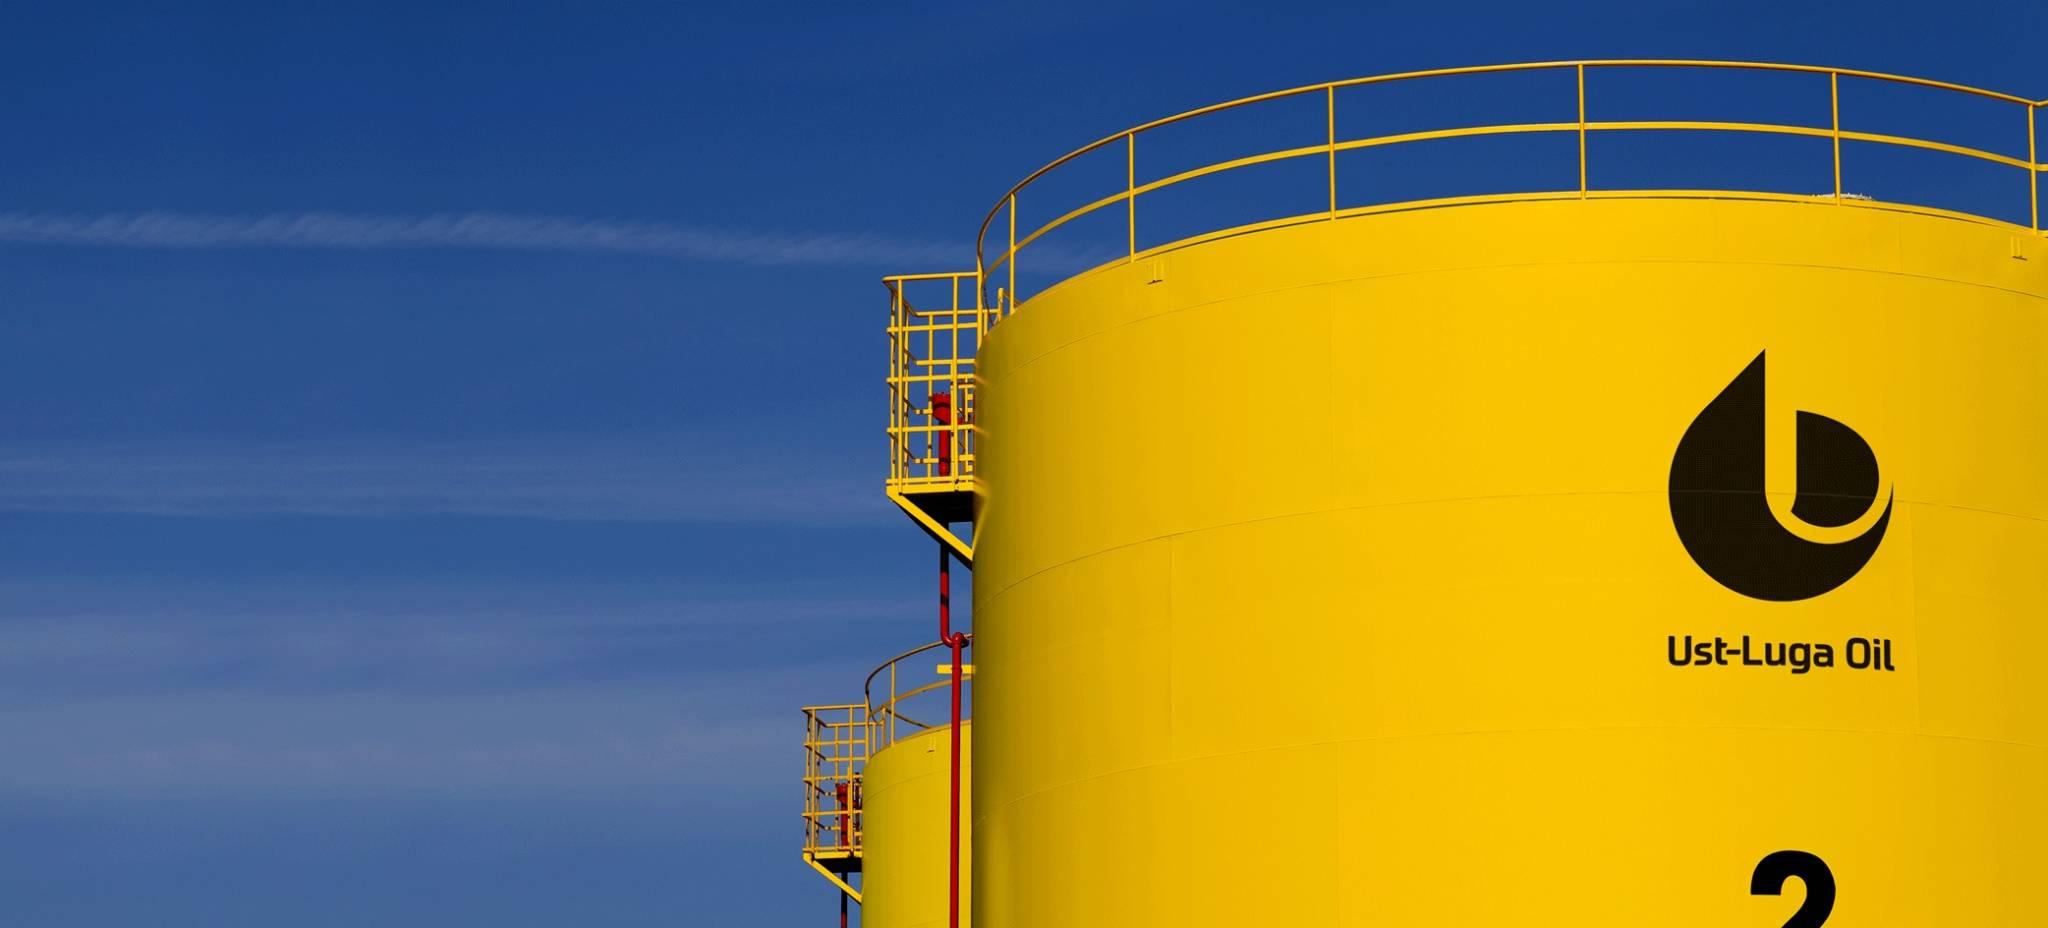 Ust-Luga Oil